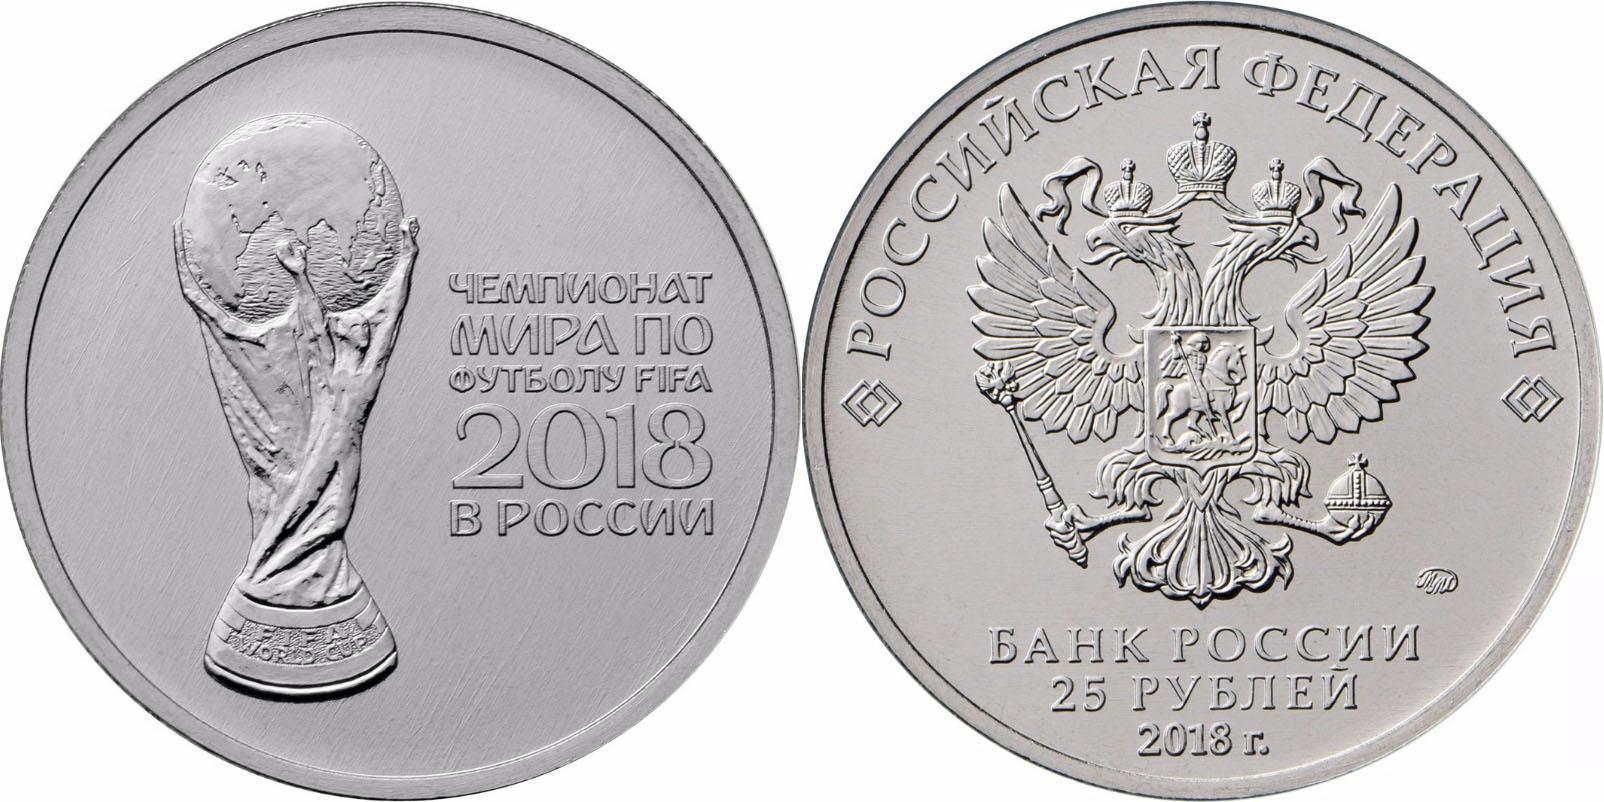 25 рублей 2018 года чемпионат мира